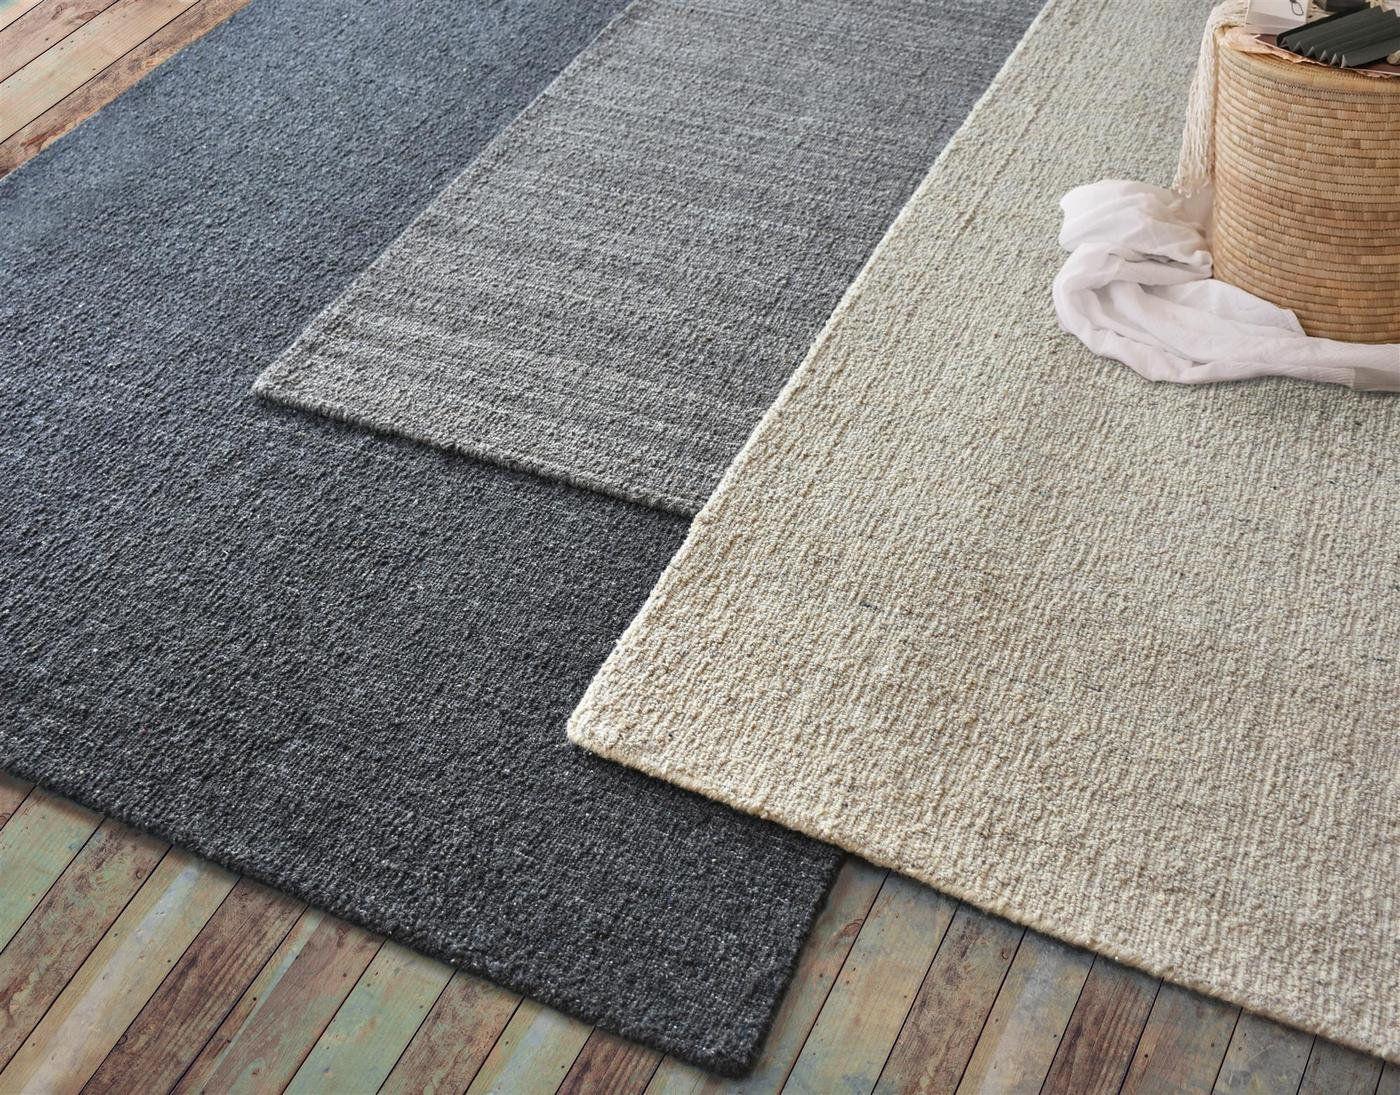 Best Seller Darya 100 Wool Rug Free Shipping Worldwide Etsy In 2020 Charcoal Rug Wool Rug Rugs